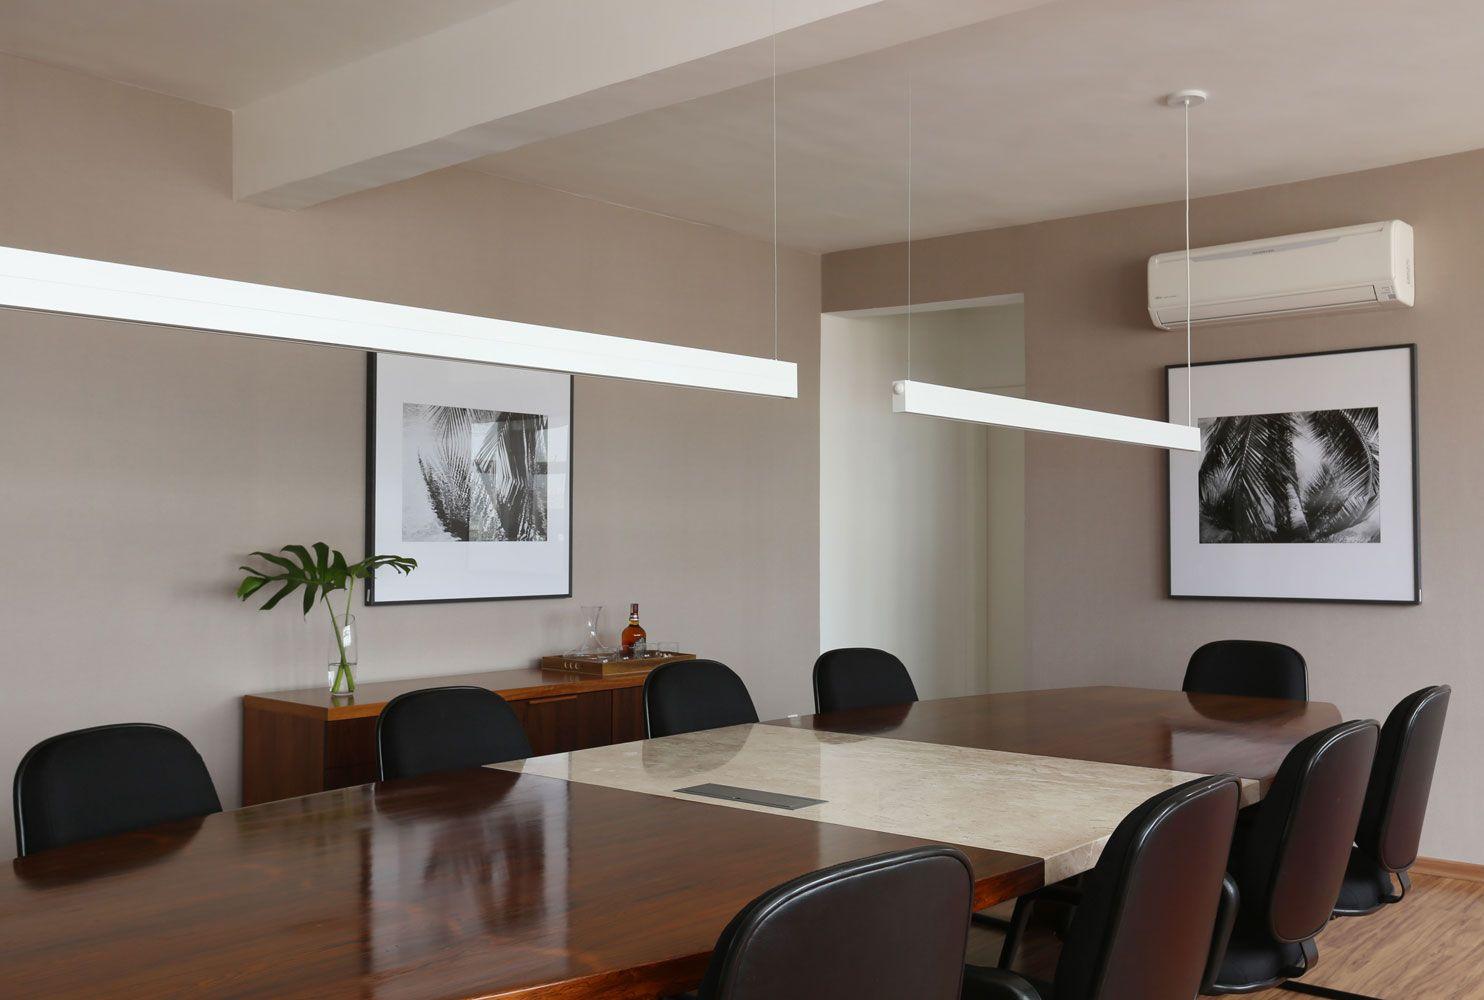 Sala Para Eventos E Reuni Es Paredes Revestidas De Papel De Parede  -> Fotos Parede Revestida De Sala